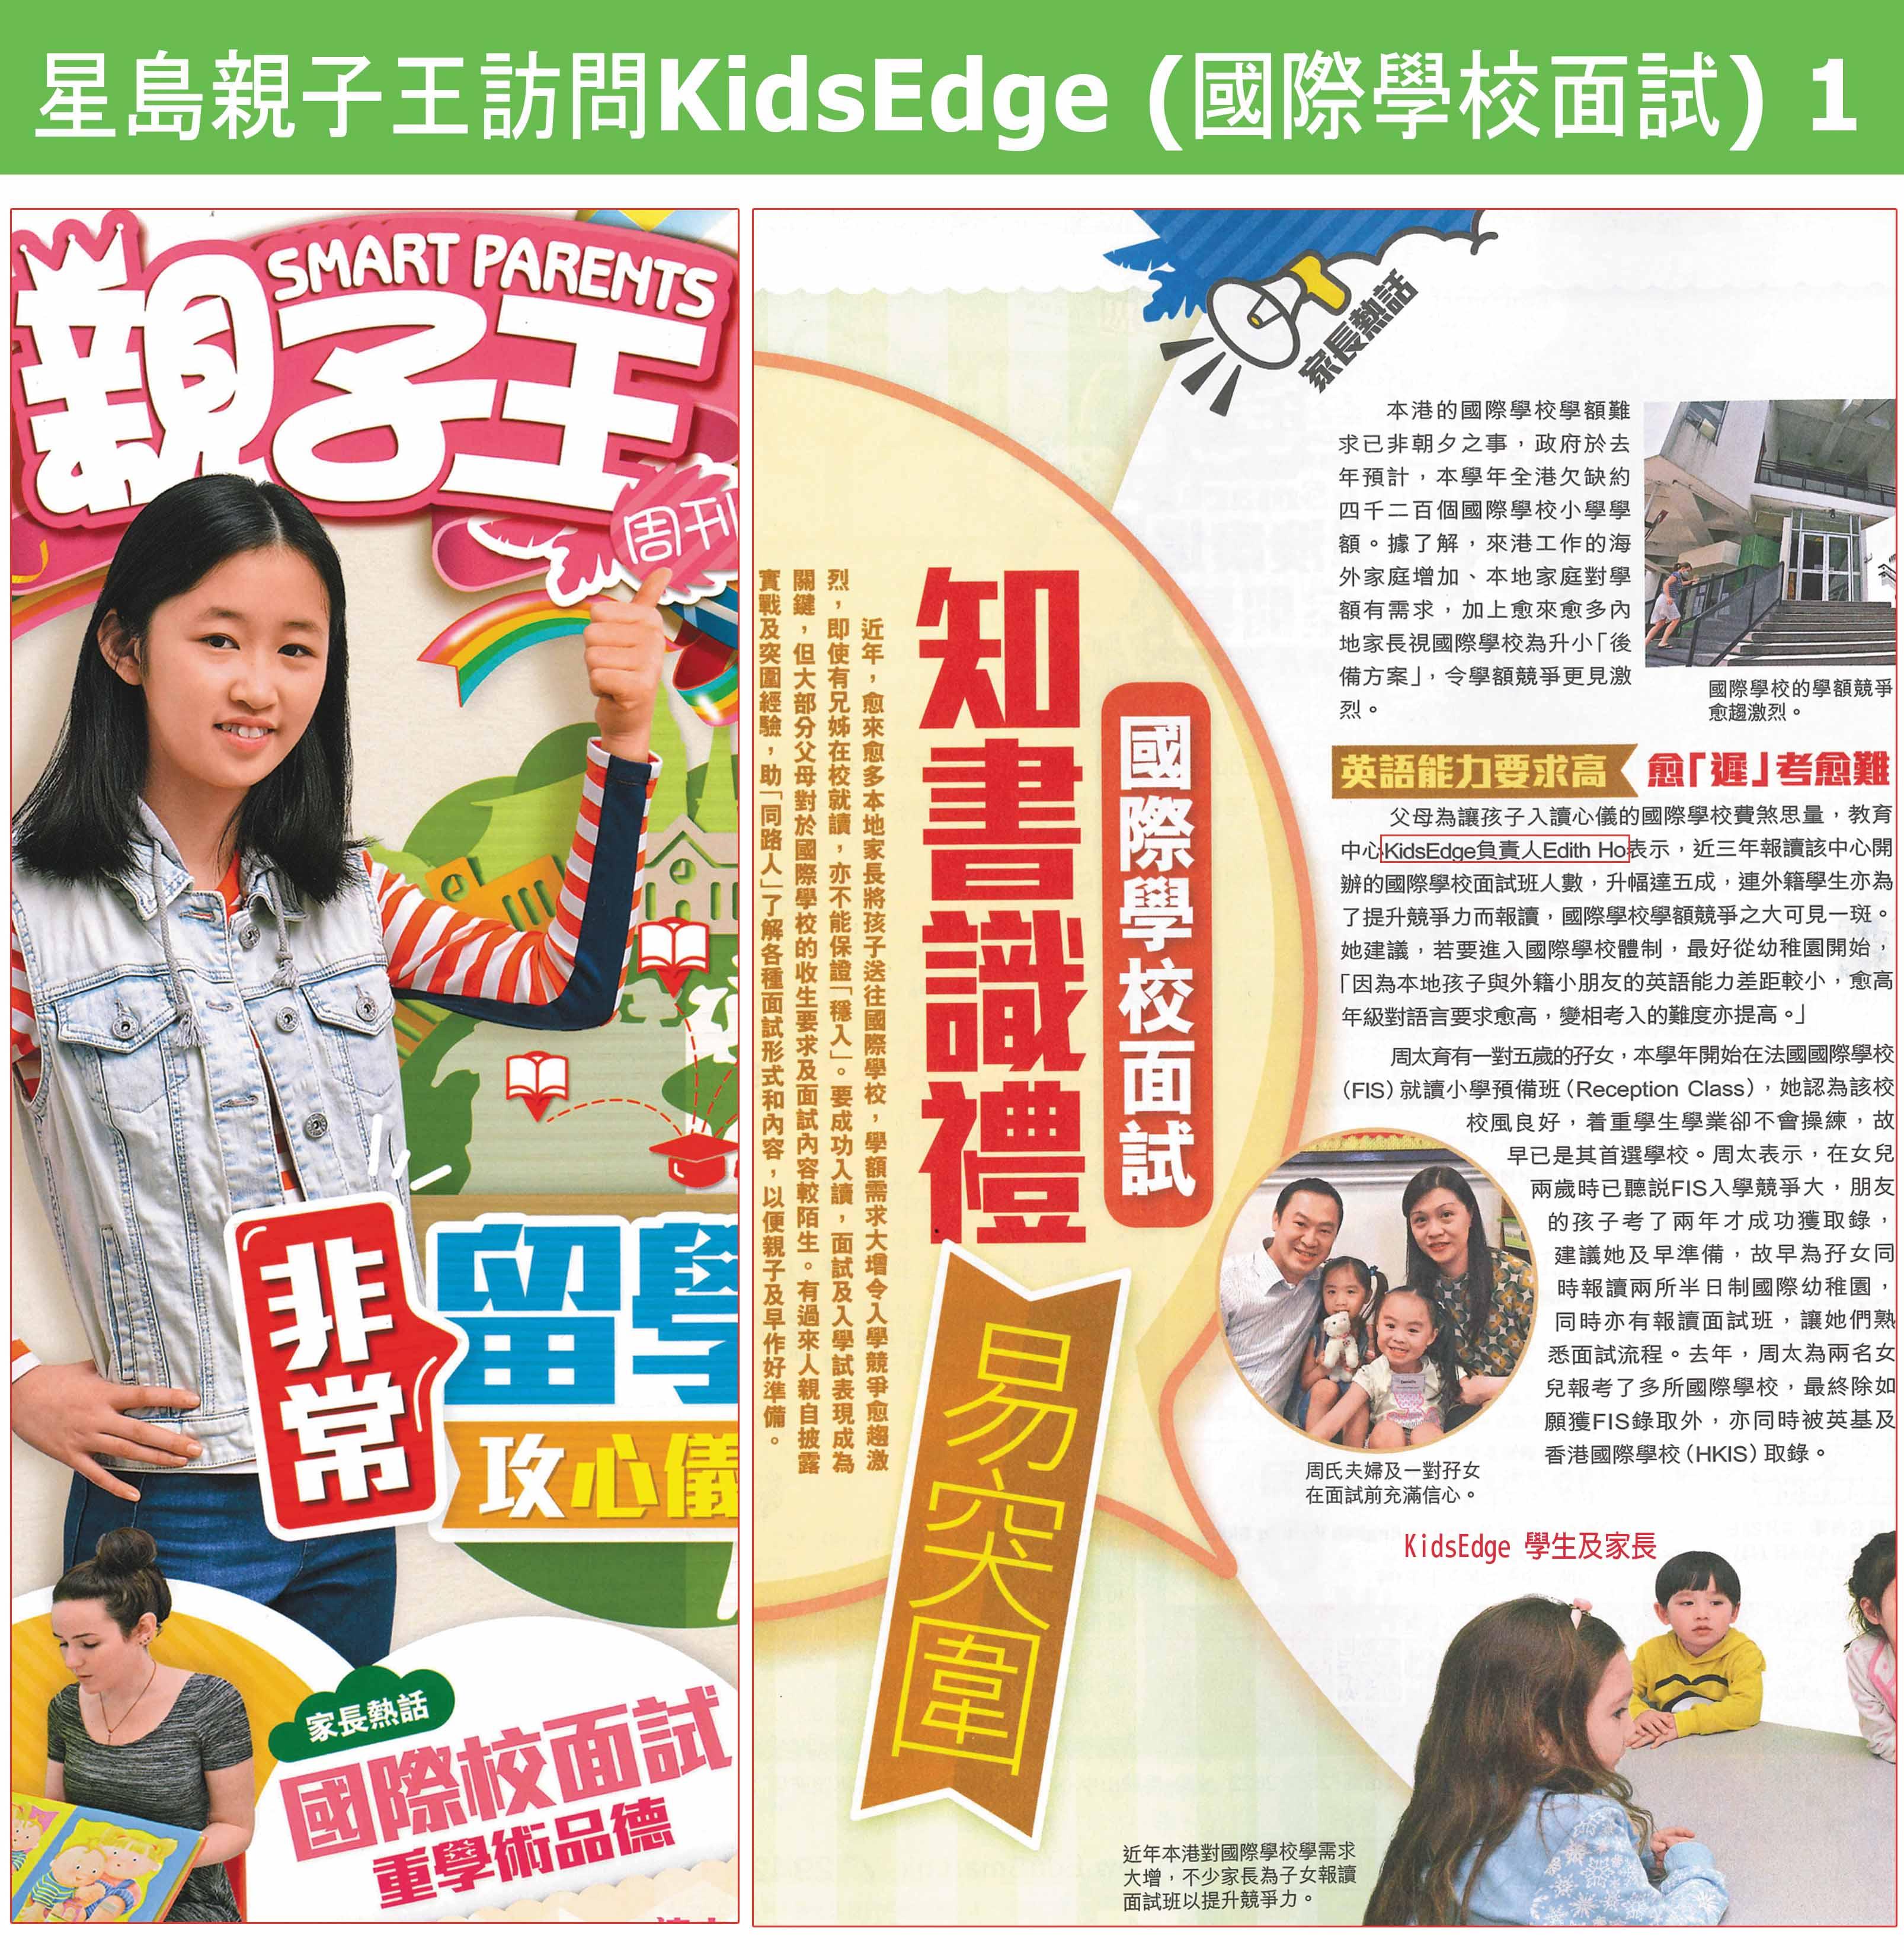 March 2016 - Singtao Interviewed KidsEdge Min1